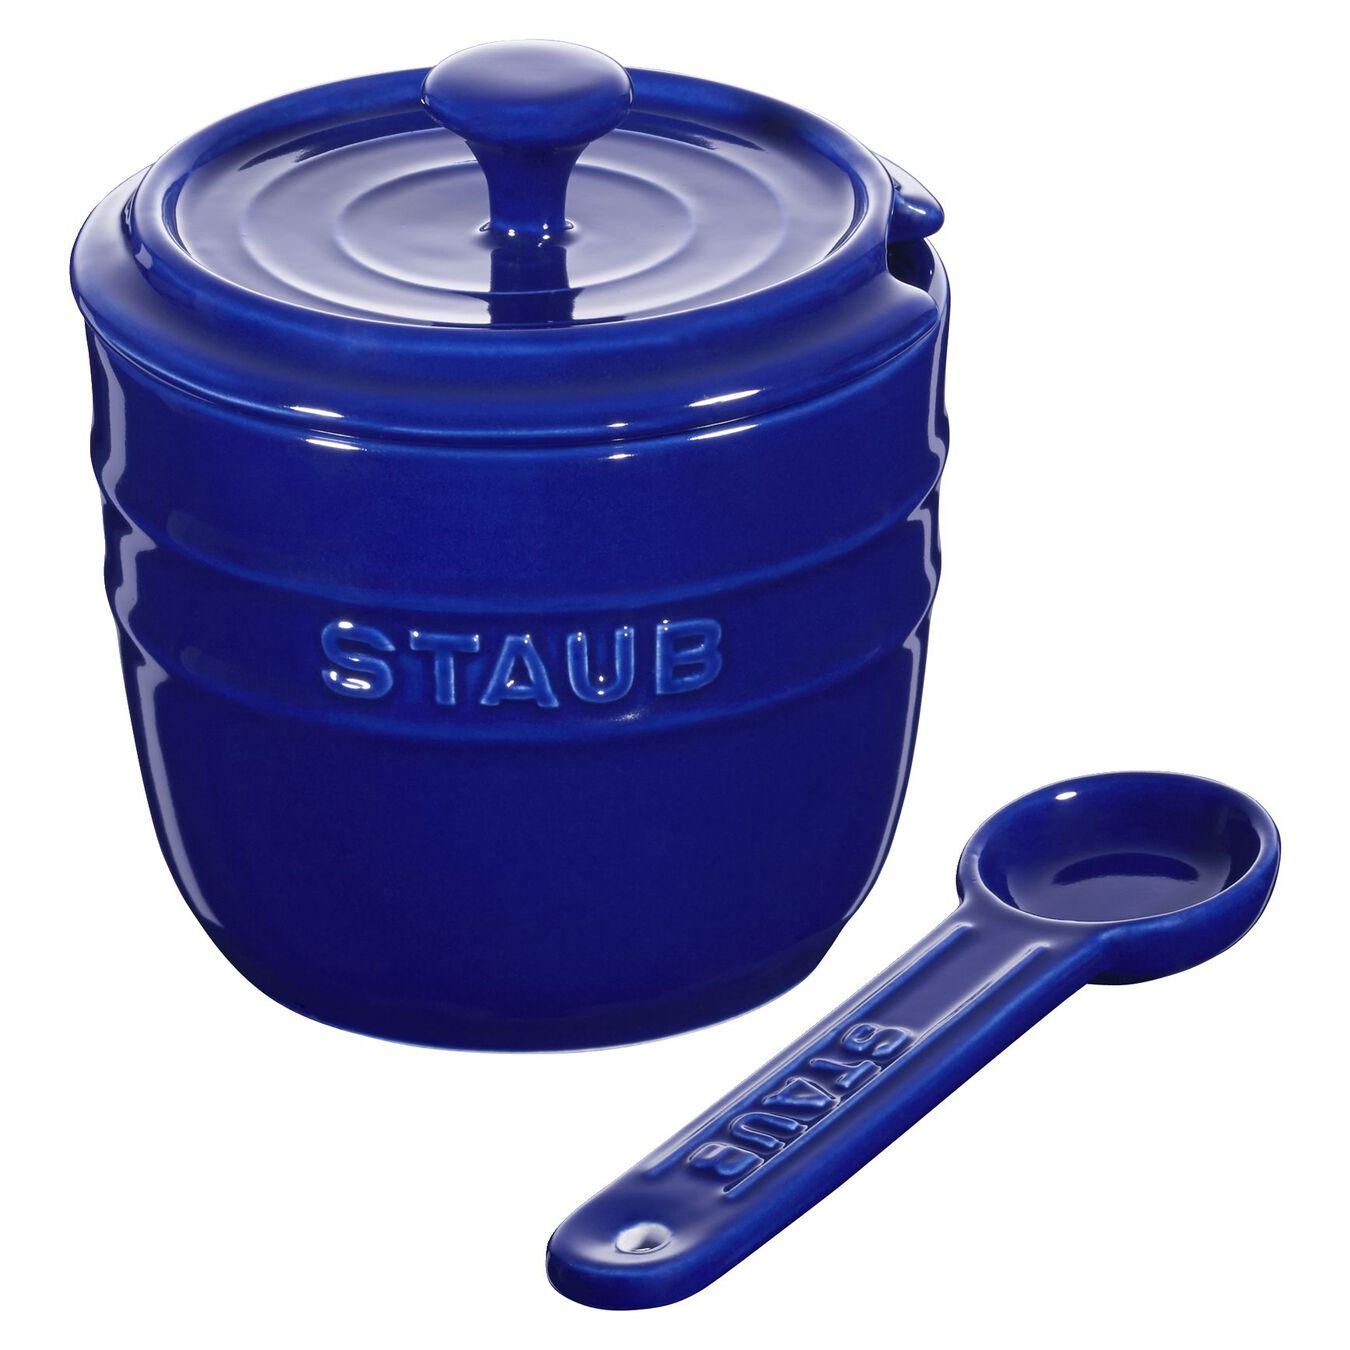 Sucrier 9 cm, Céramique, Bleu intense,,large 2